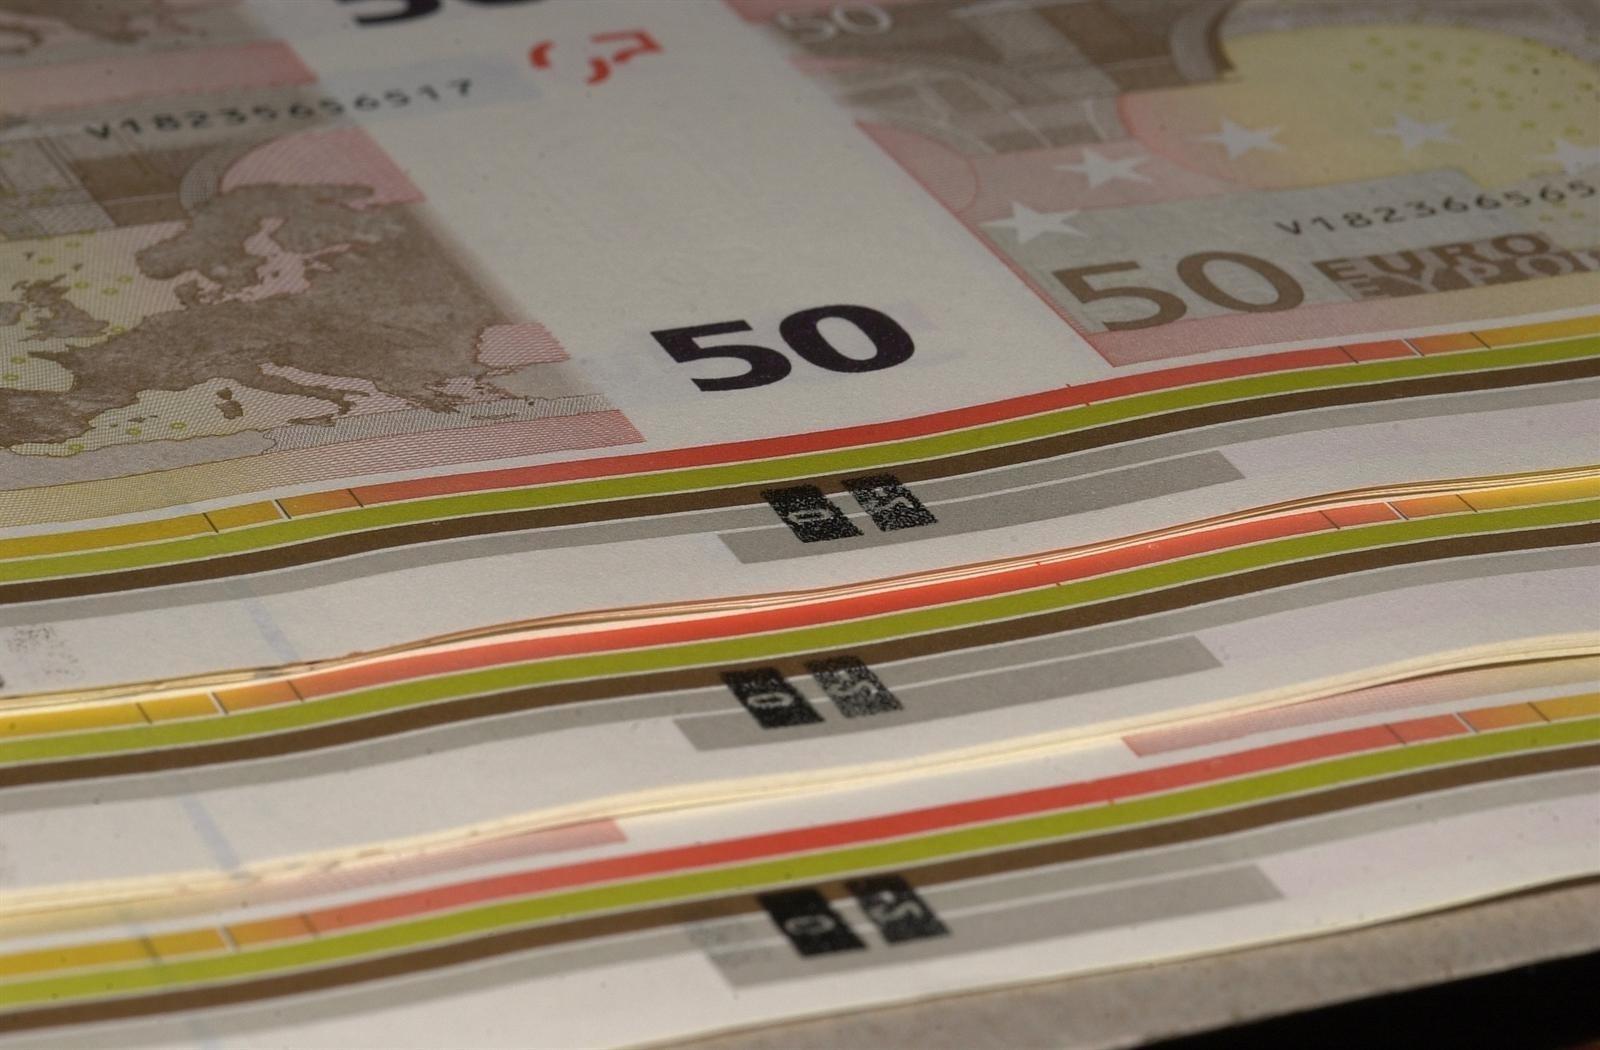 La deuda pública de C-LM se sitúa en 10.385 millones de euros en el segundo trimestre, según el Banco de España